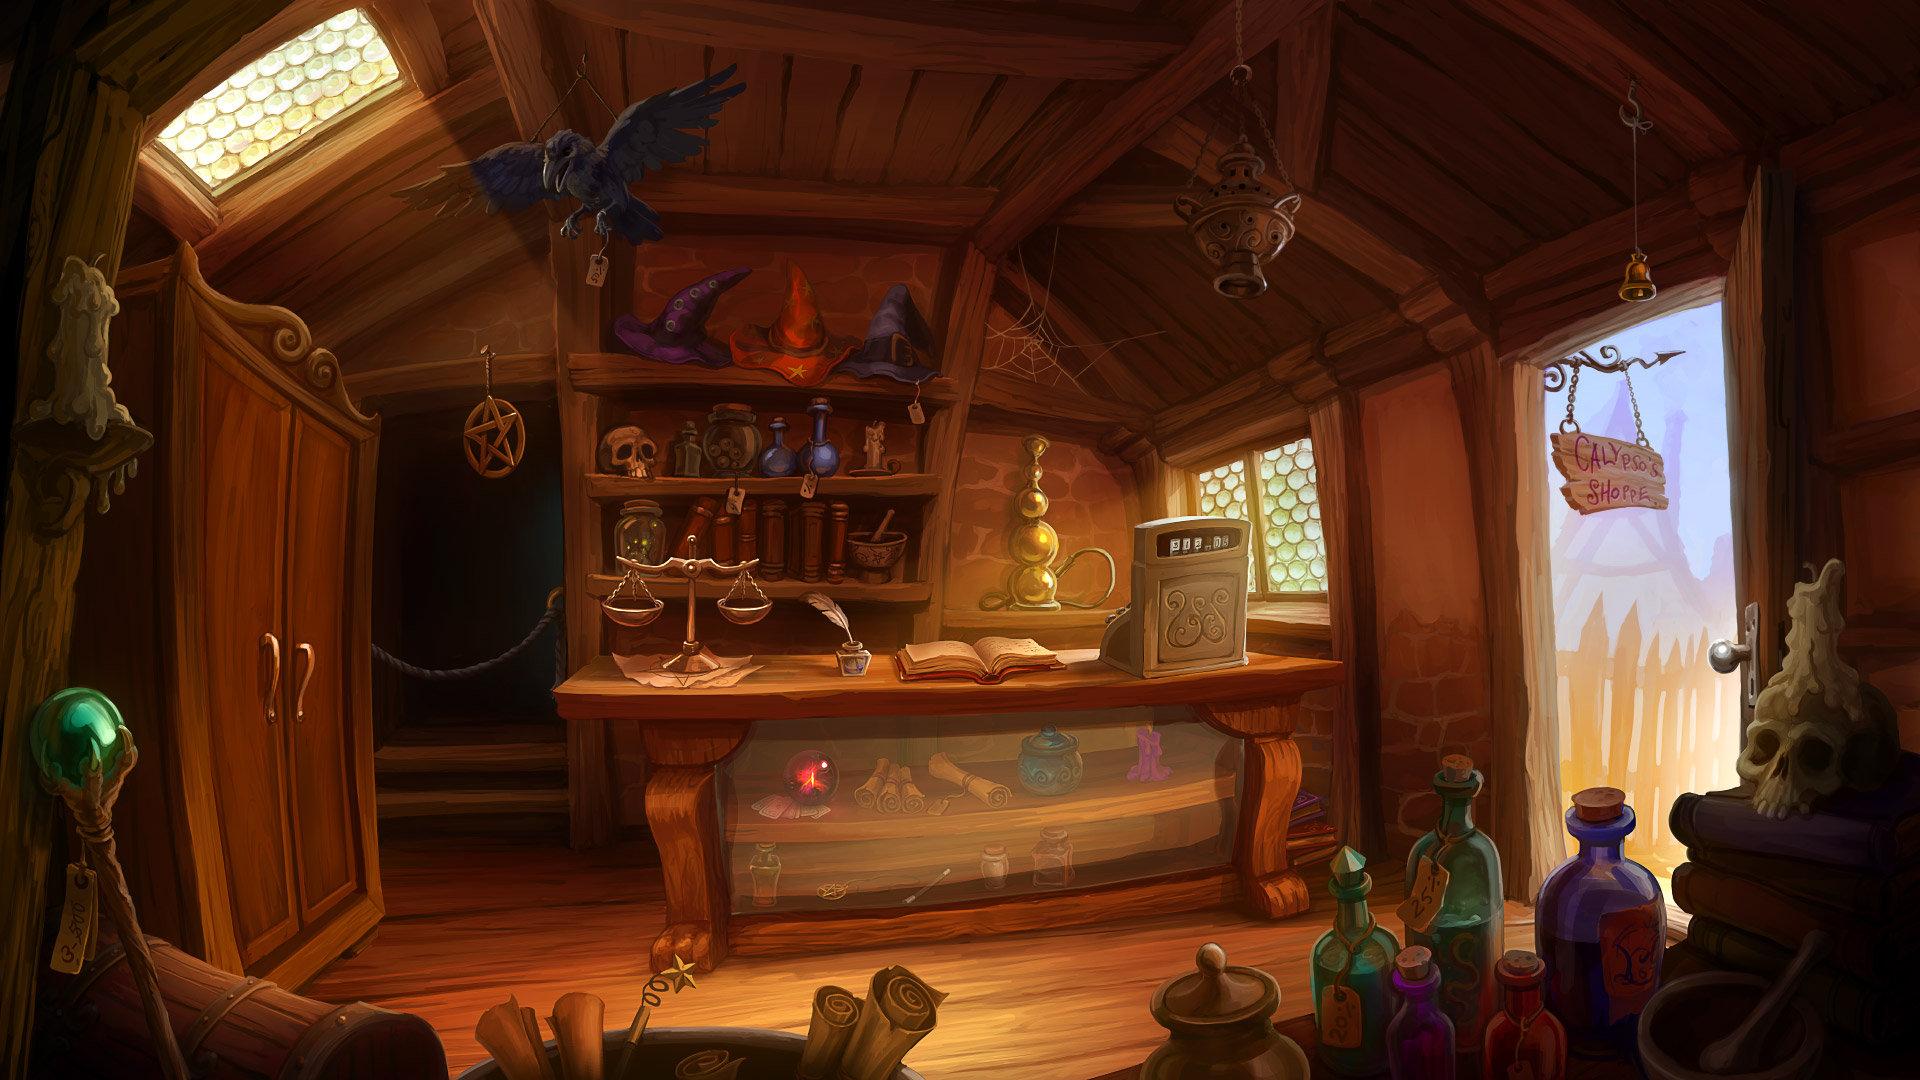 Magic Shop, Wiebke Scholz